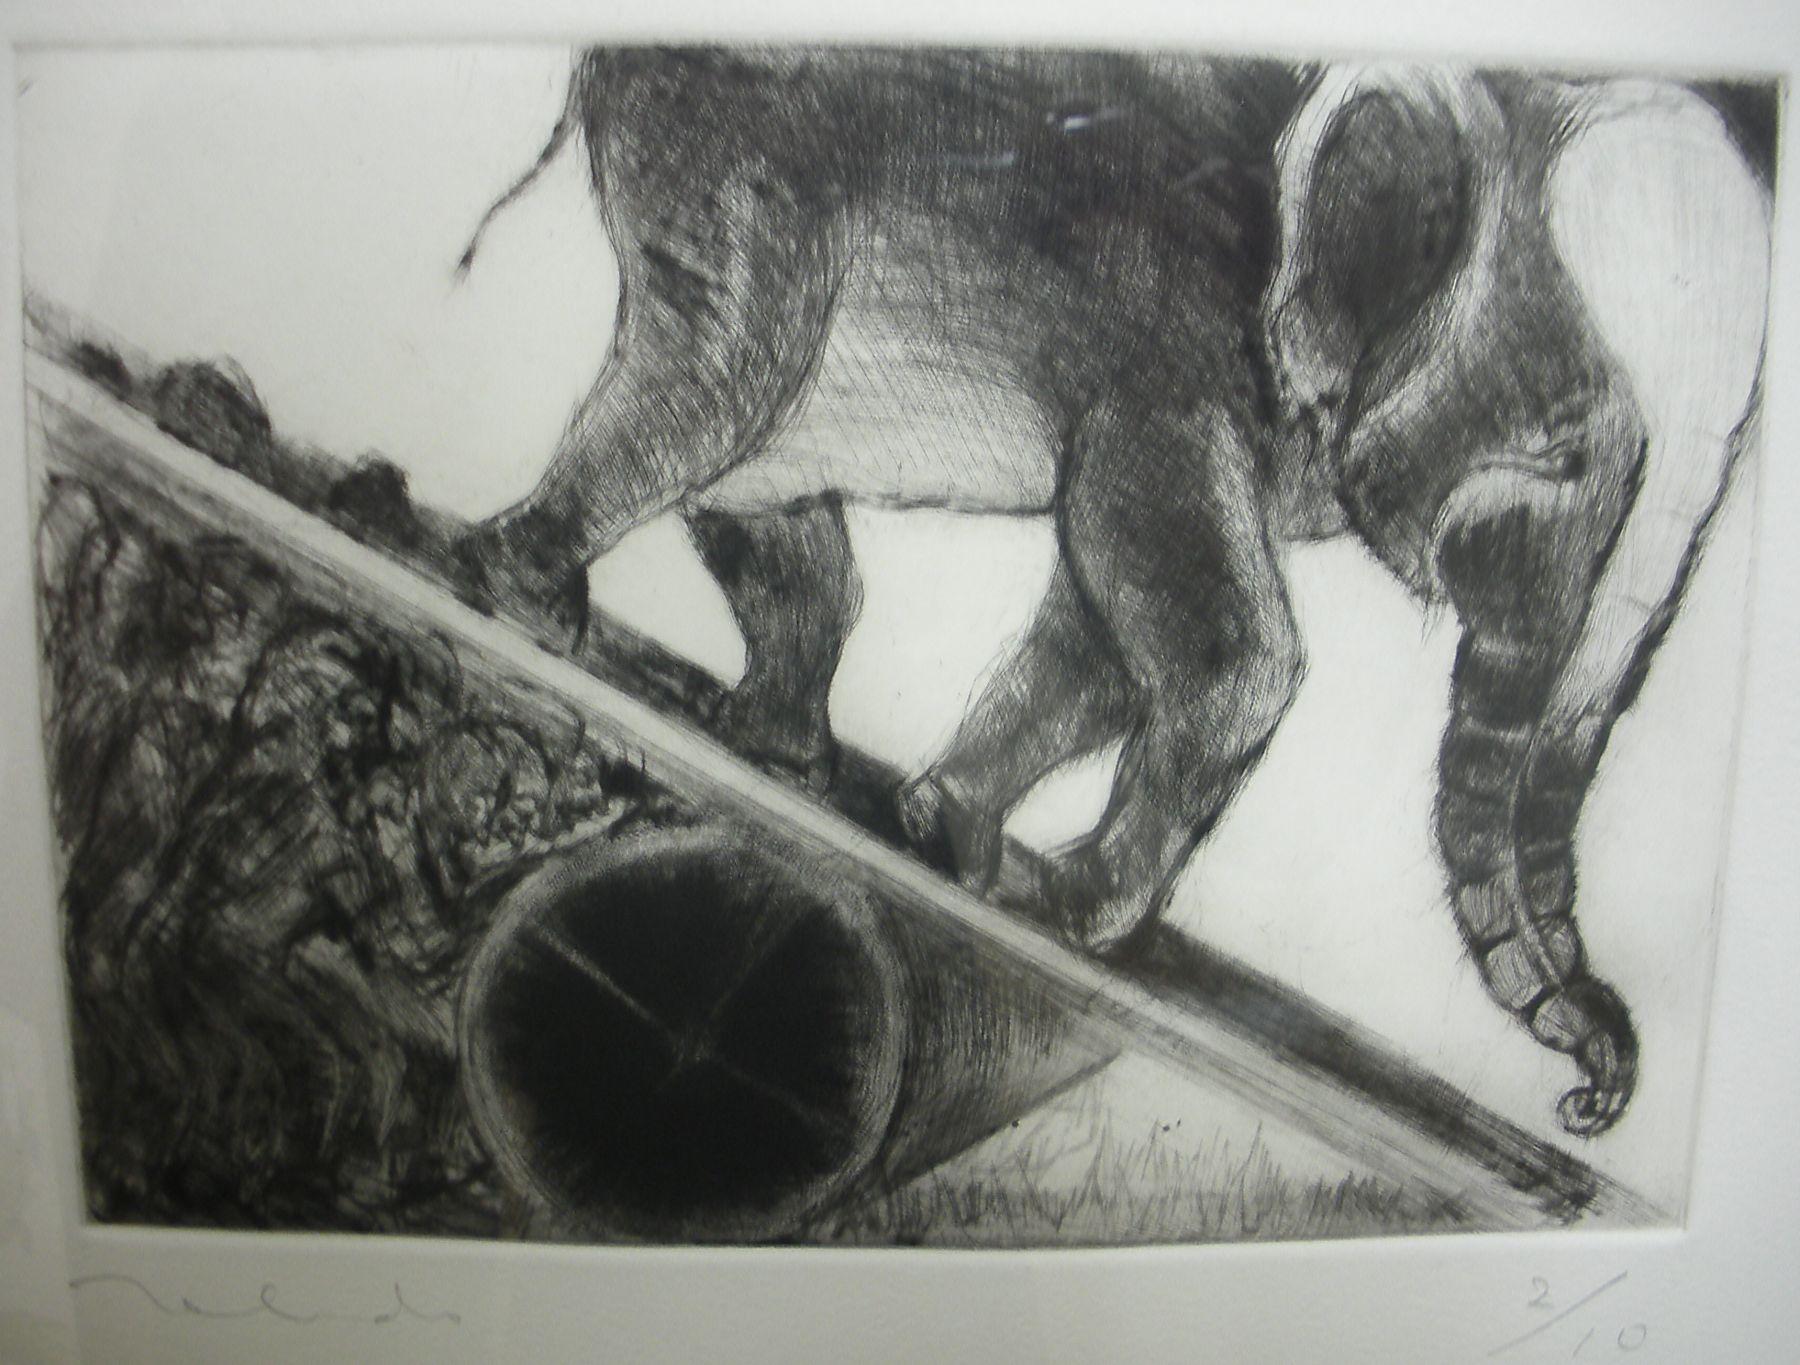 Francisco-Toledo-Muchachos-bajando-al-elefante